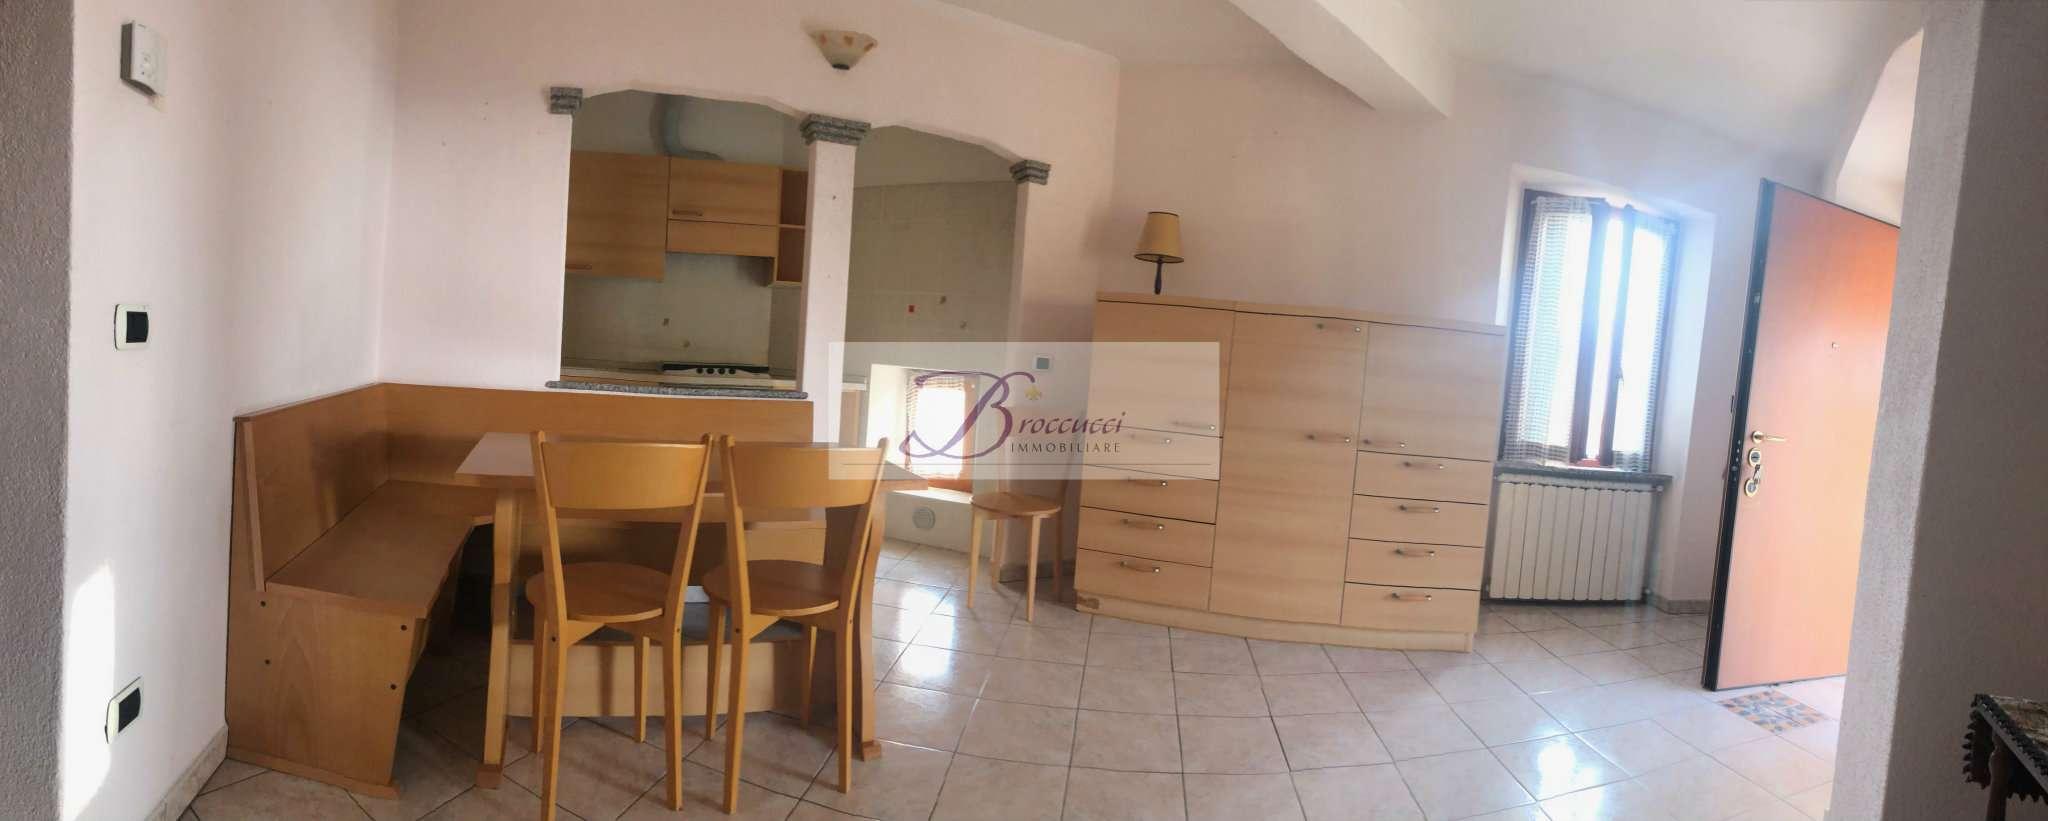 Appartamento in buone condizioni arredato in affitto Rif. 8862136